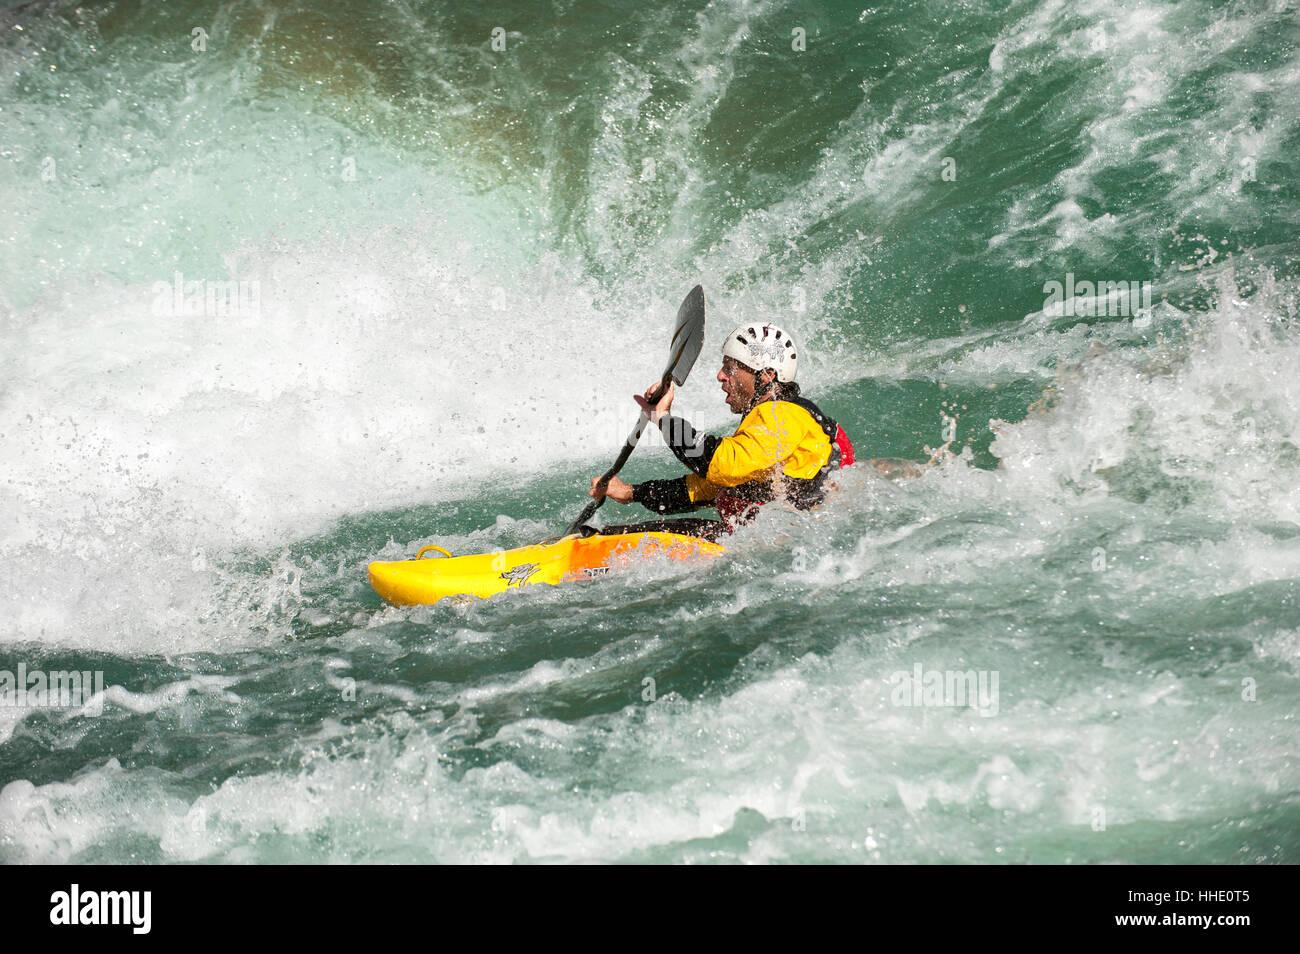 Un kayakiste négocie son chemin à travers les rapides de la rivière Karnali, ouest du Népal Photo Stock